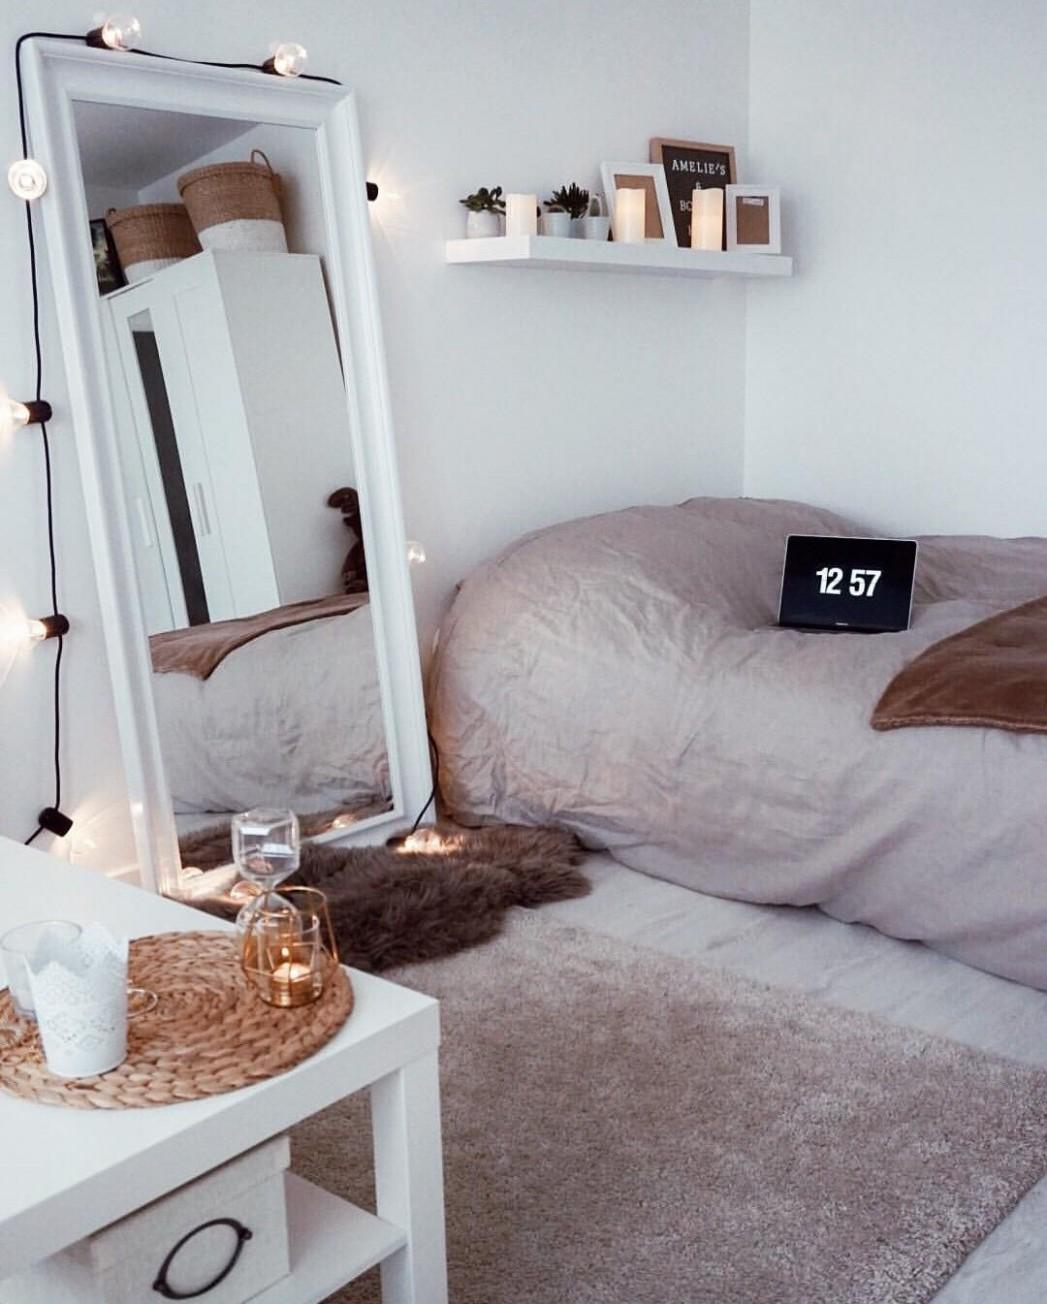 Pin by Fotini Fidogianni on Bedroom ideas  Bedroom decor, Room  - Bedroom Ideas On Pinterest